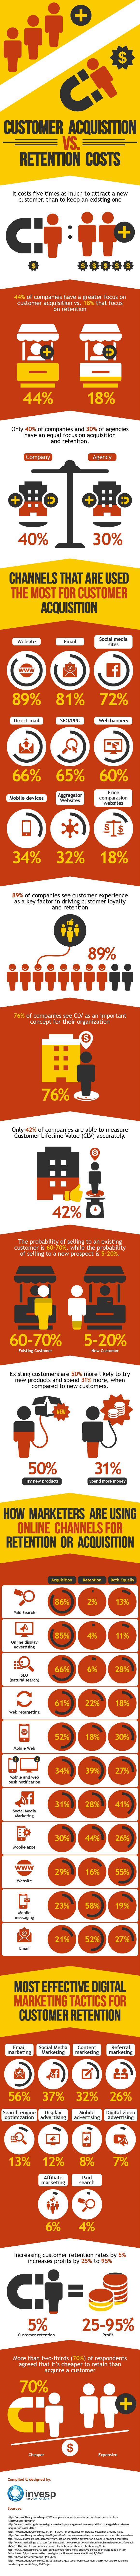 customer-retention-vs-acquistion